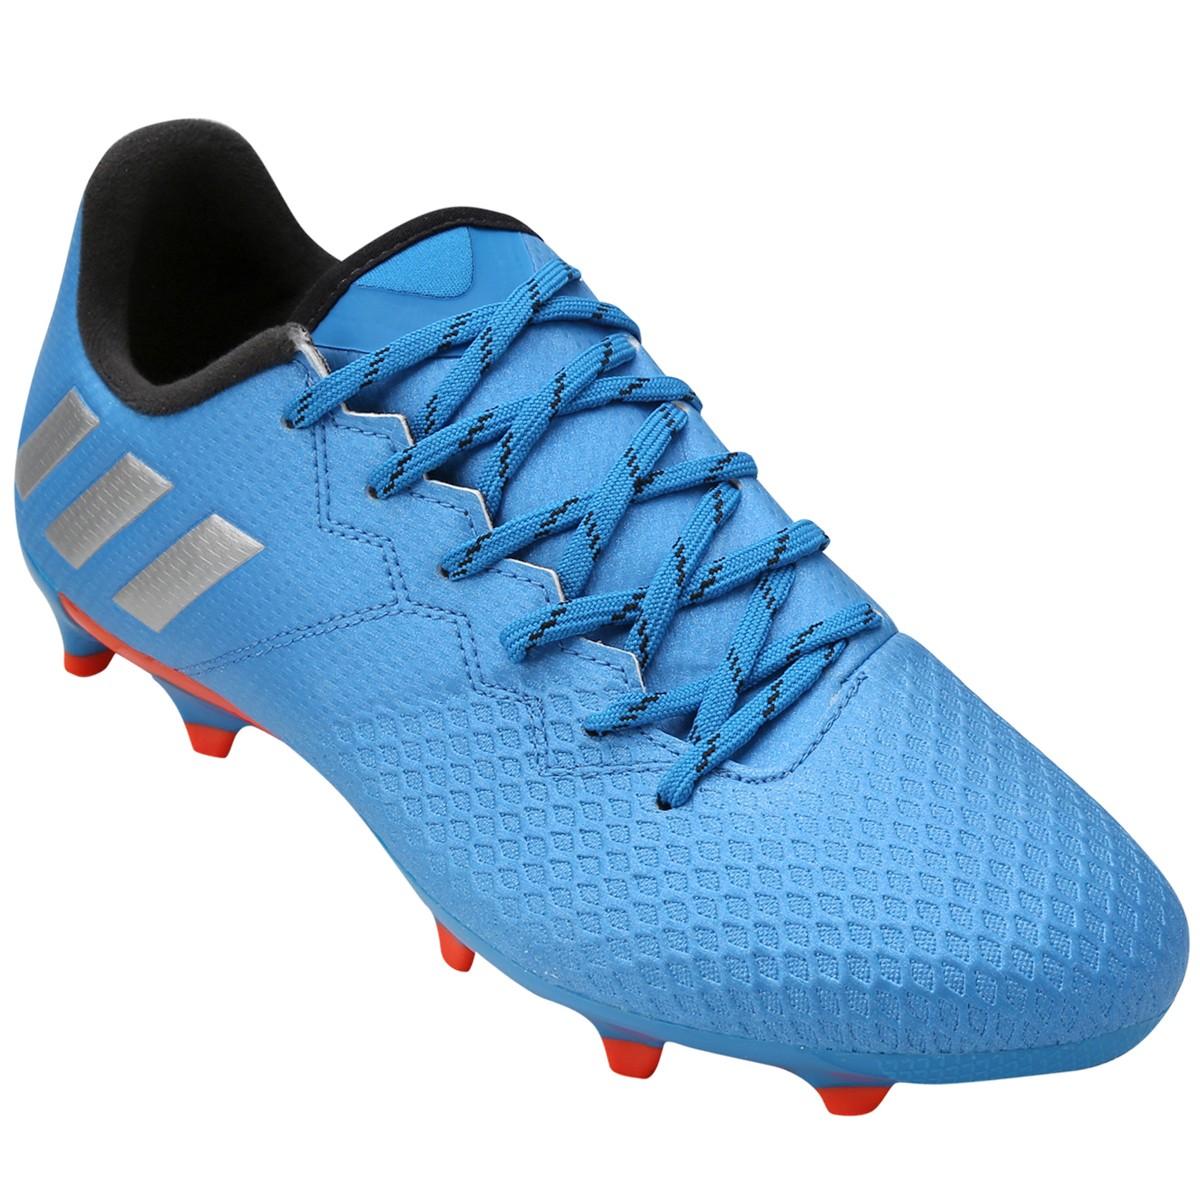 Chuteira Campo Adidas Messi 16.3 FG S79632 - Azul Prata - Calçados ... 6d1b03bc88dce